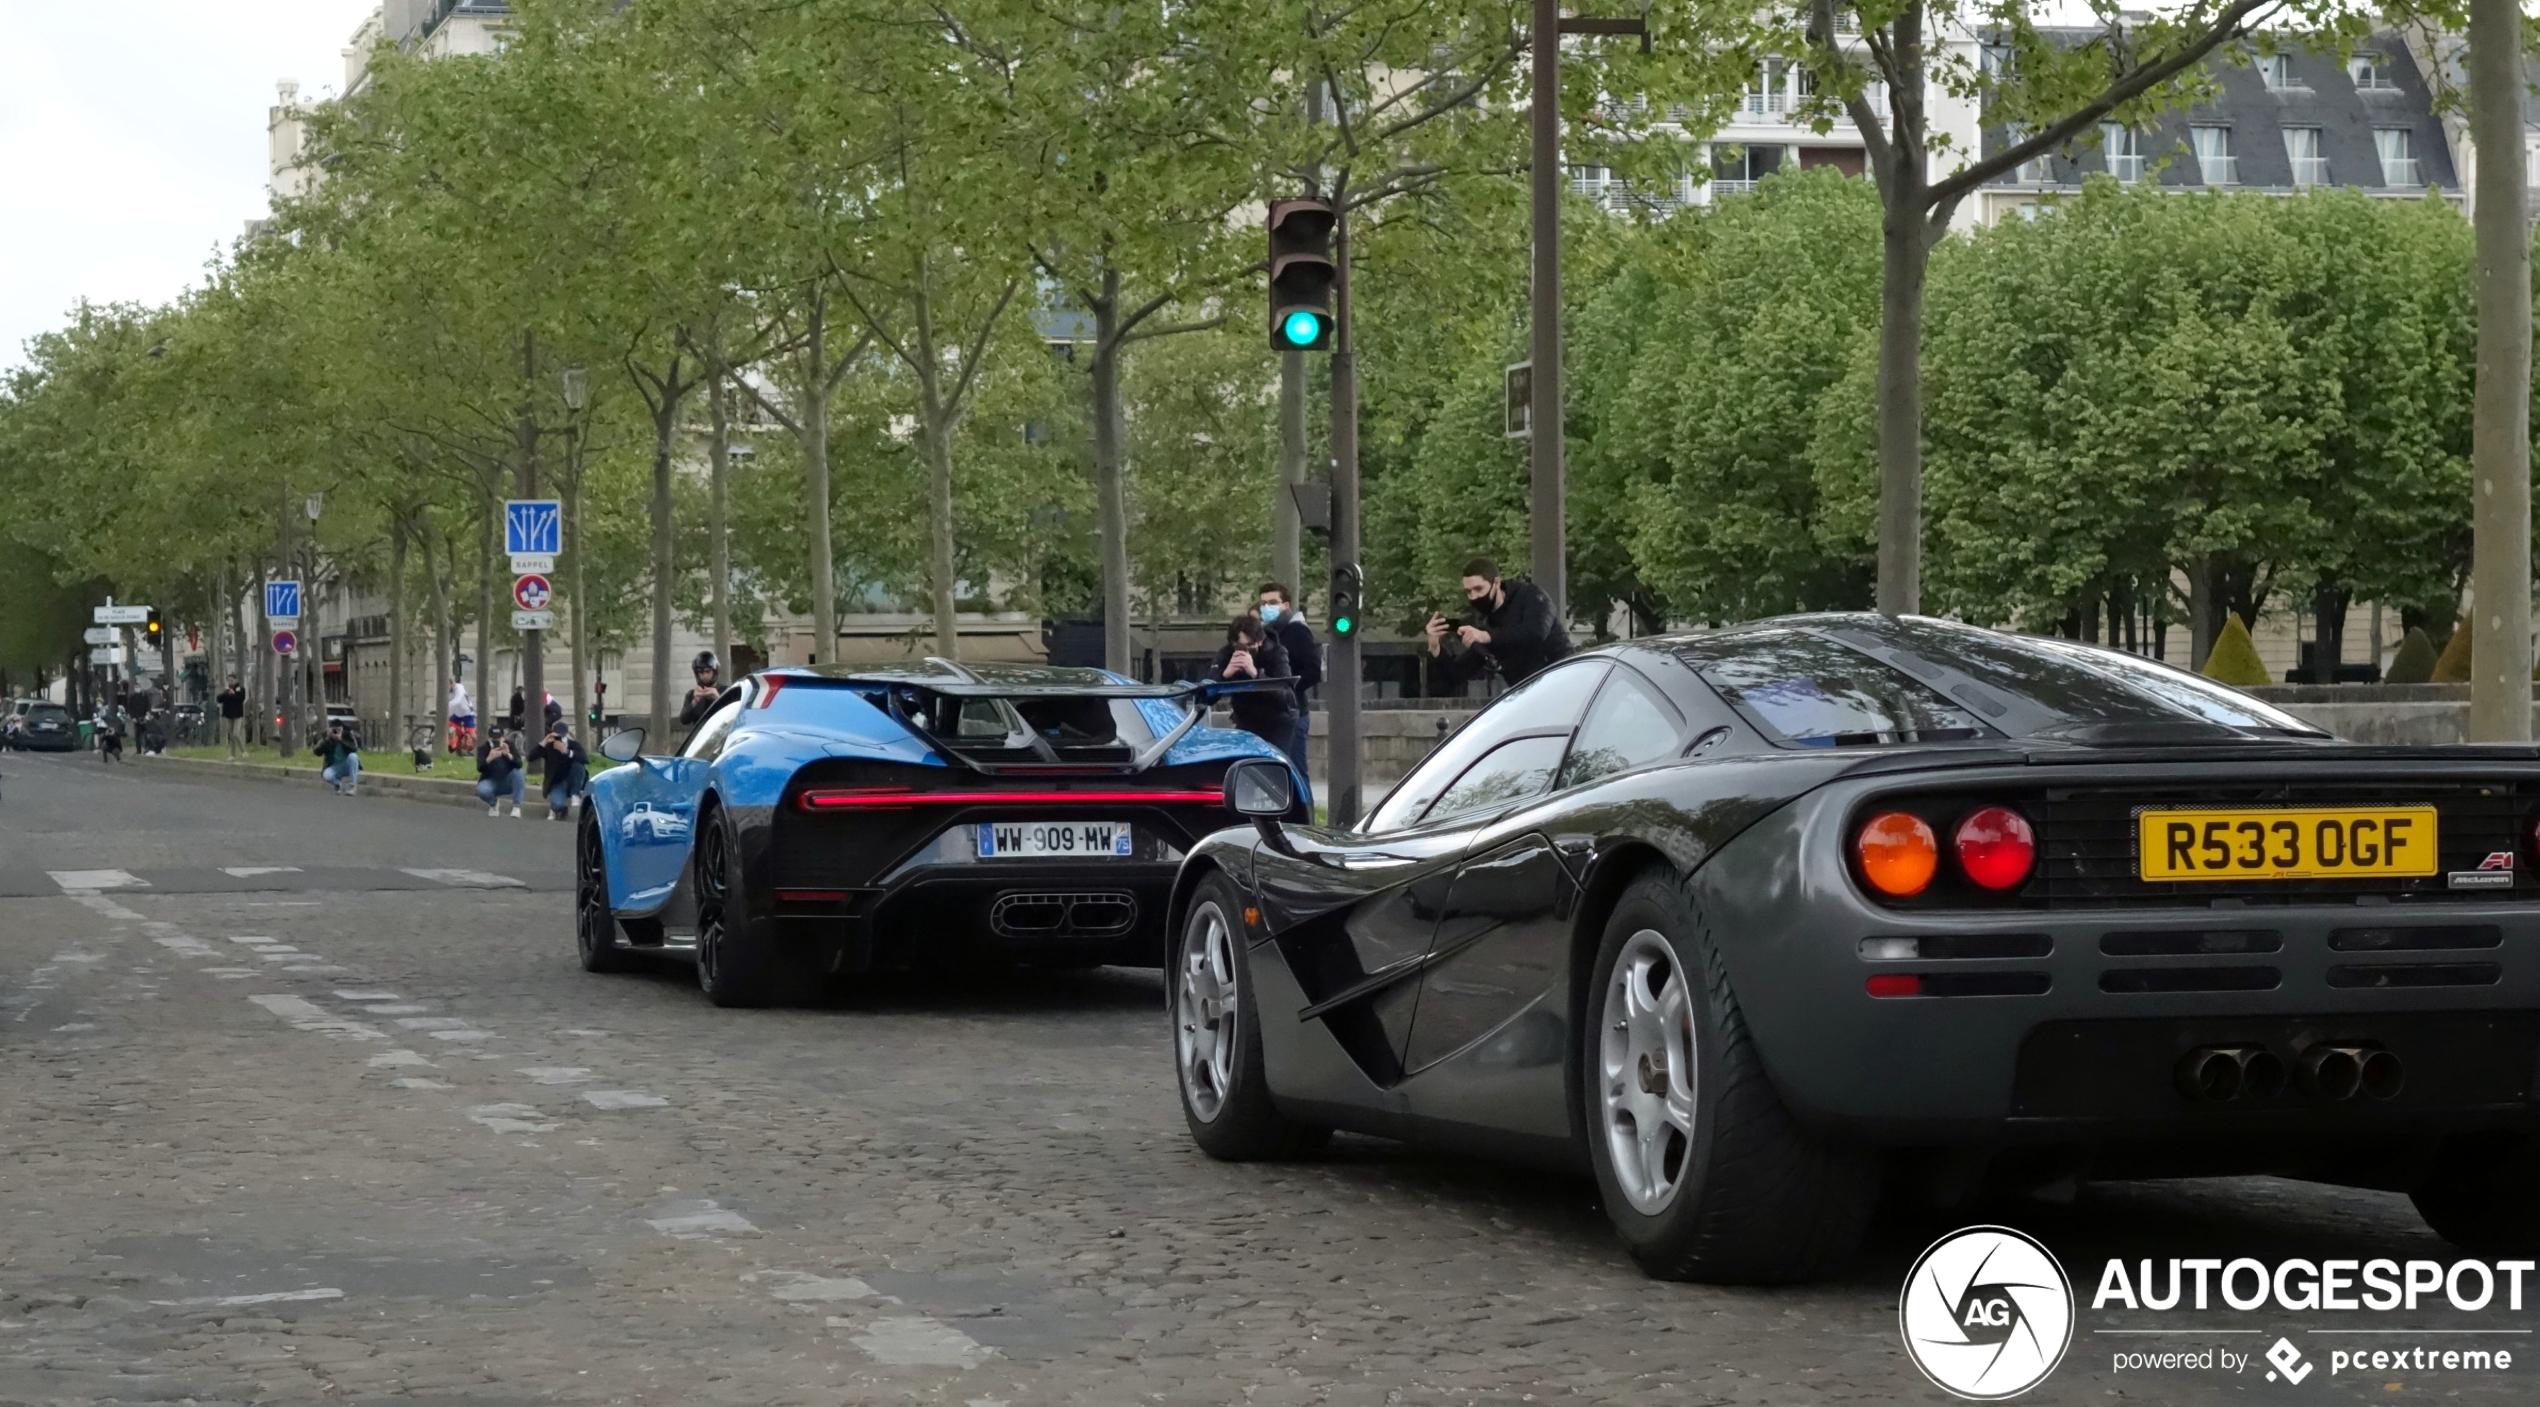 Bugatti Chiron Pur Sport is niet het exclusiefste op deze spot